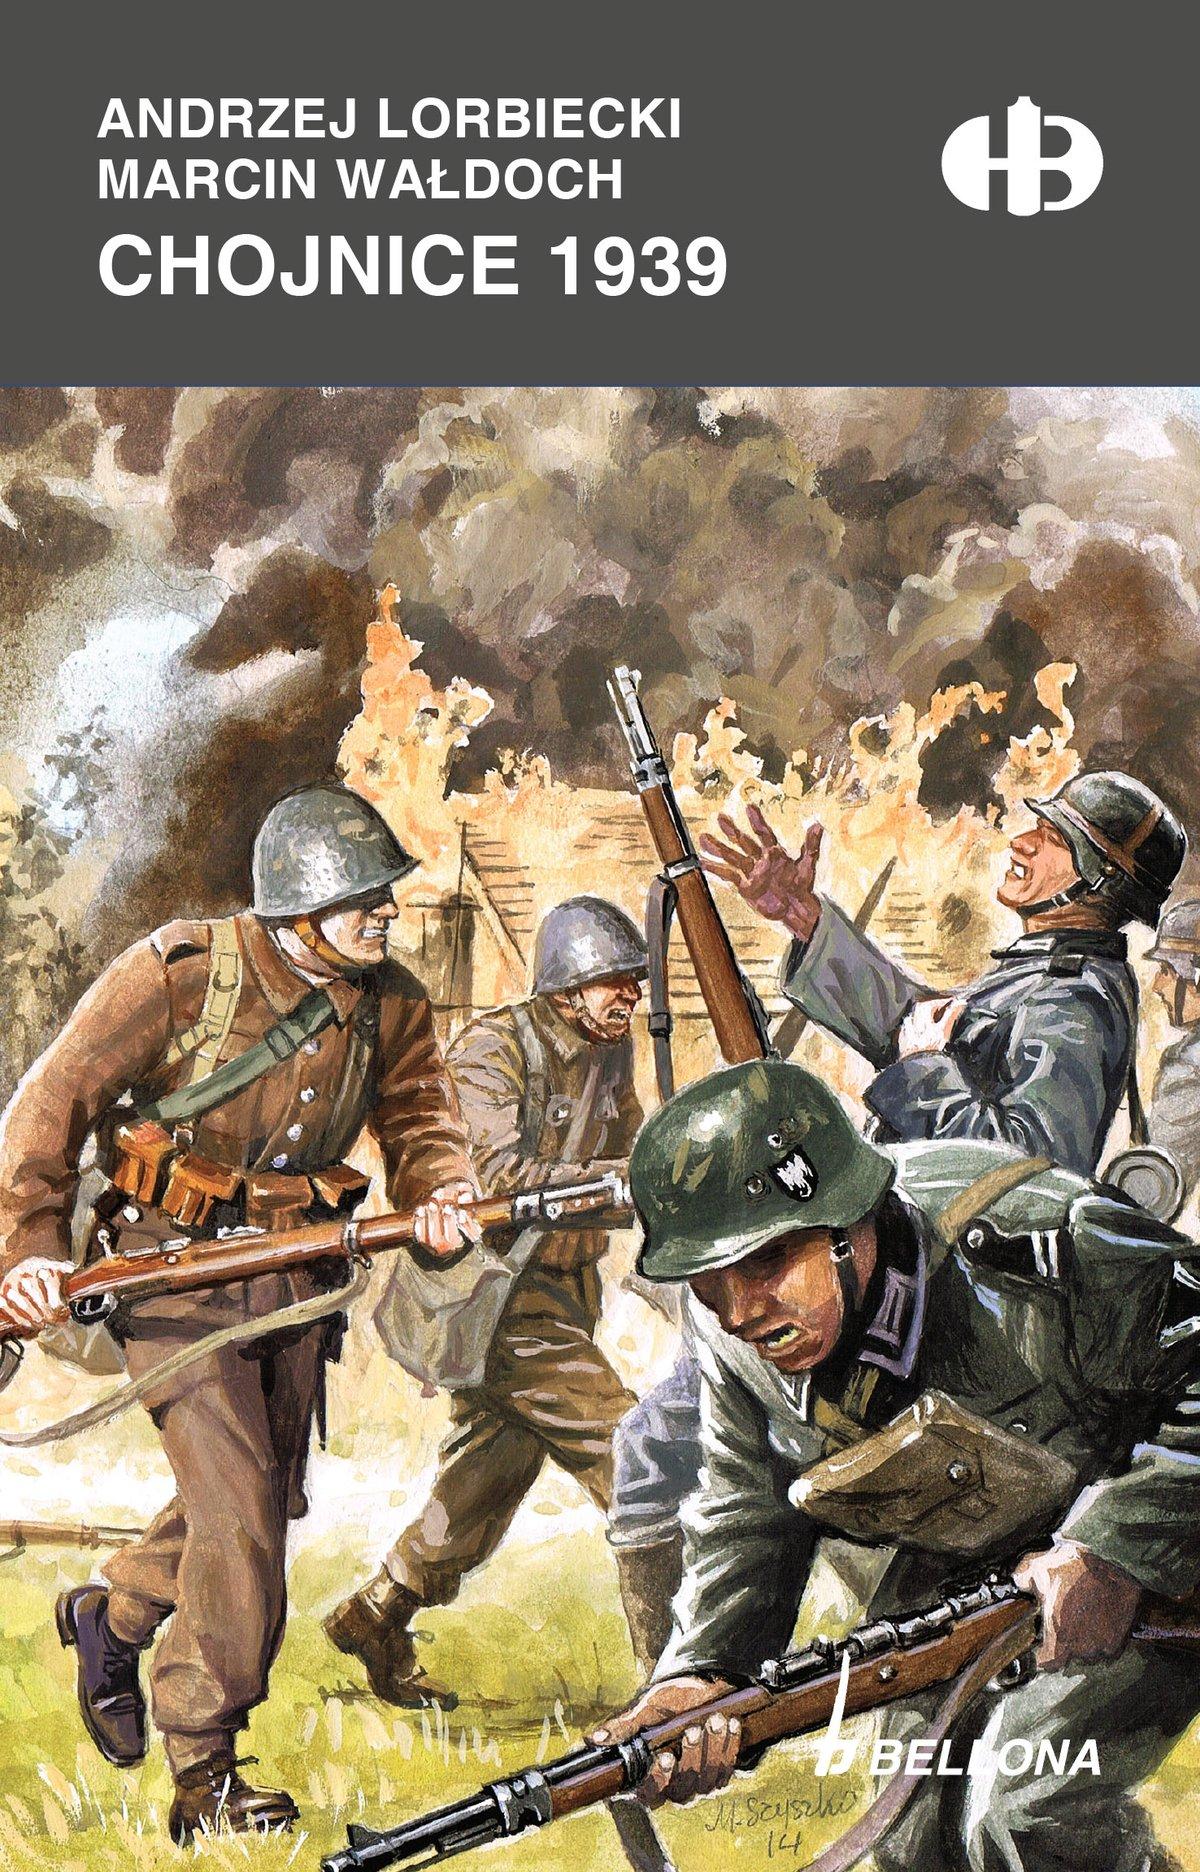 Chojnice 1939 - Ebook (Książka EPUB) do pobrania w formacie EPUB